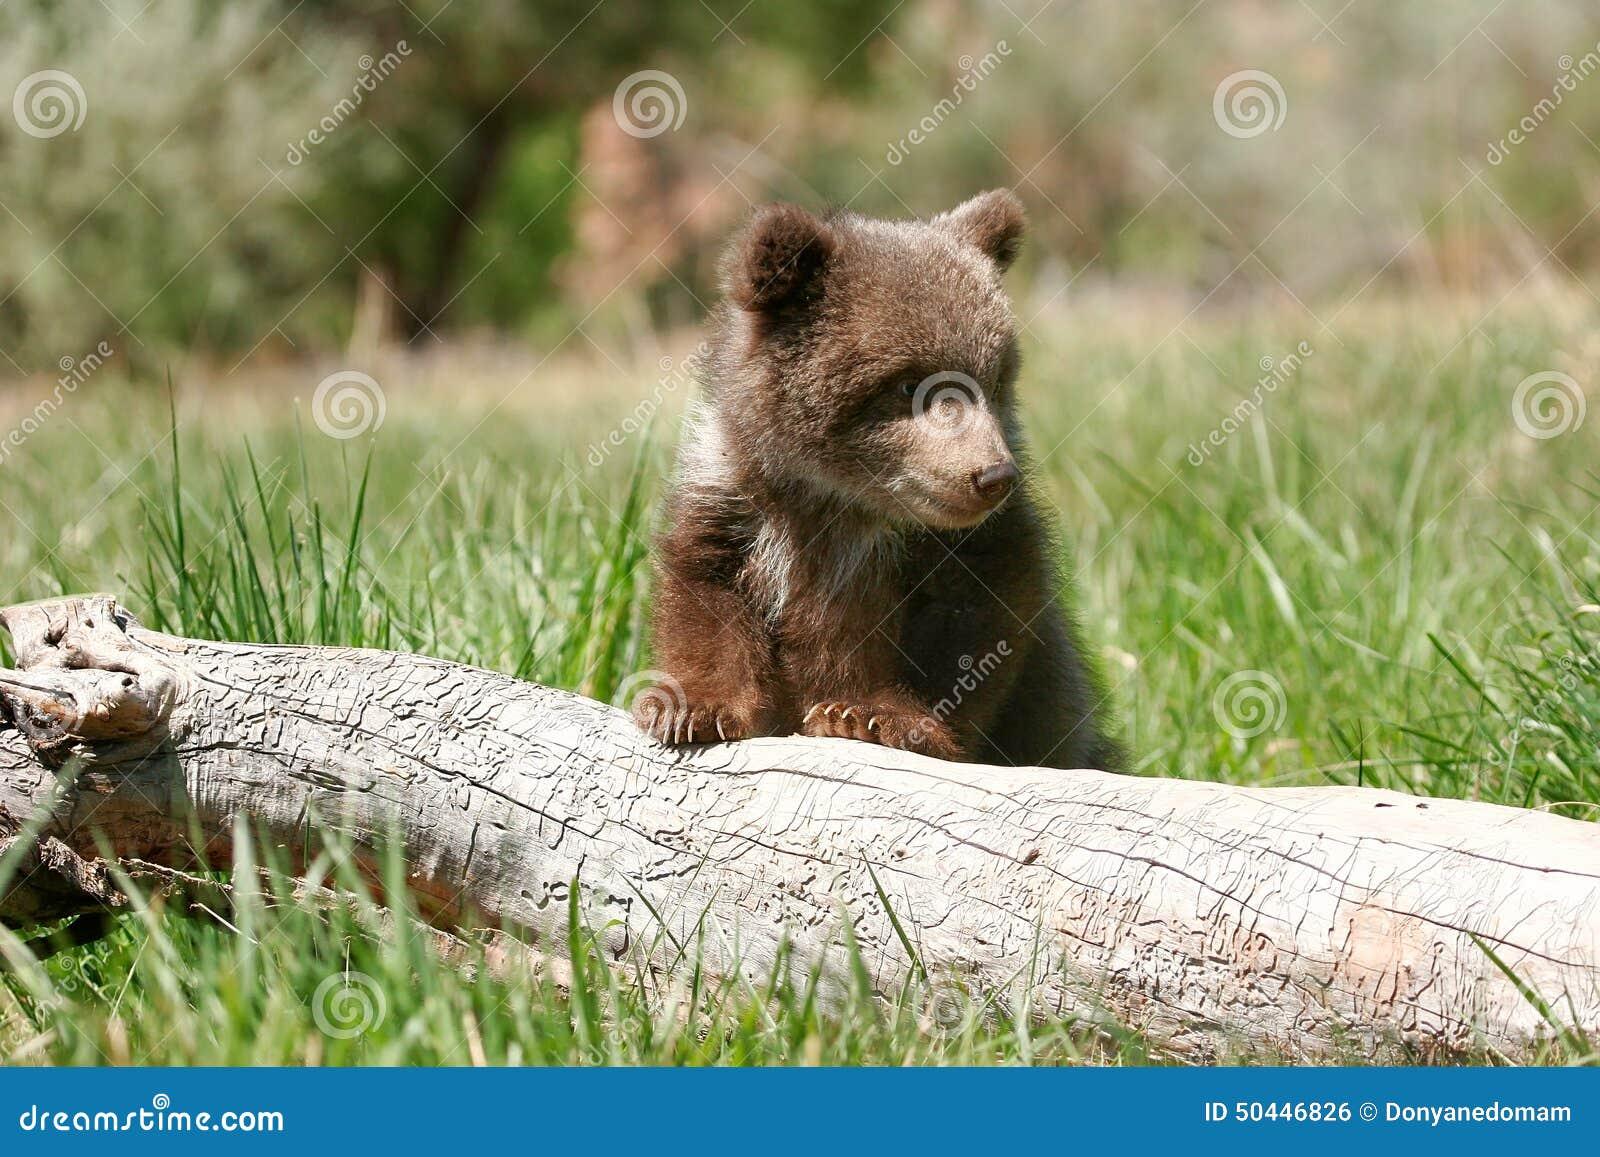 Trabajar en el zoo: Cuidados del oso pardo